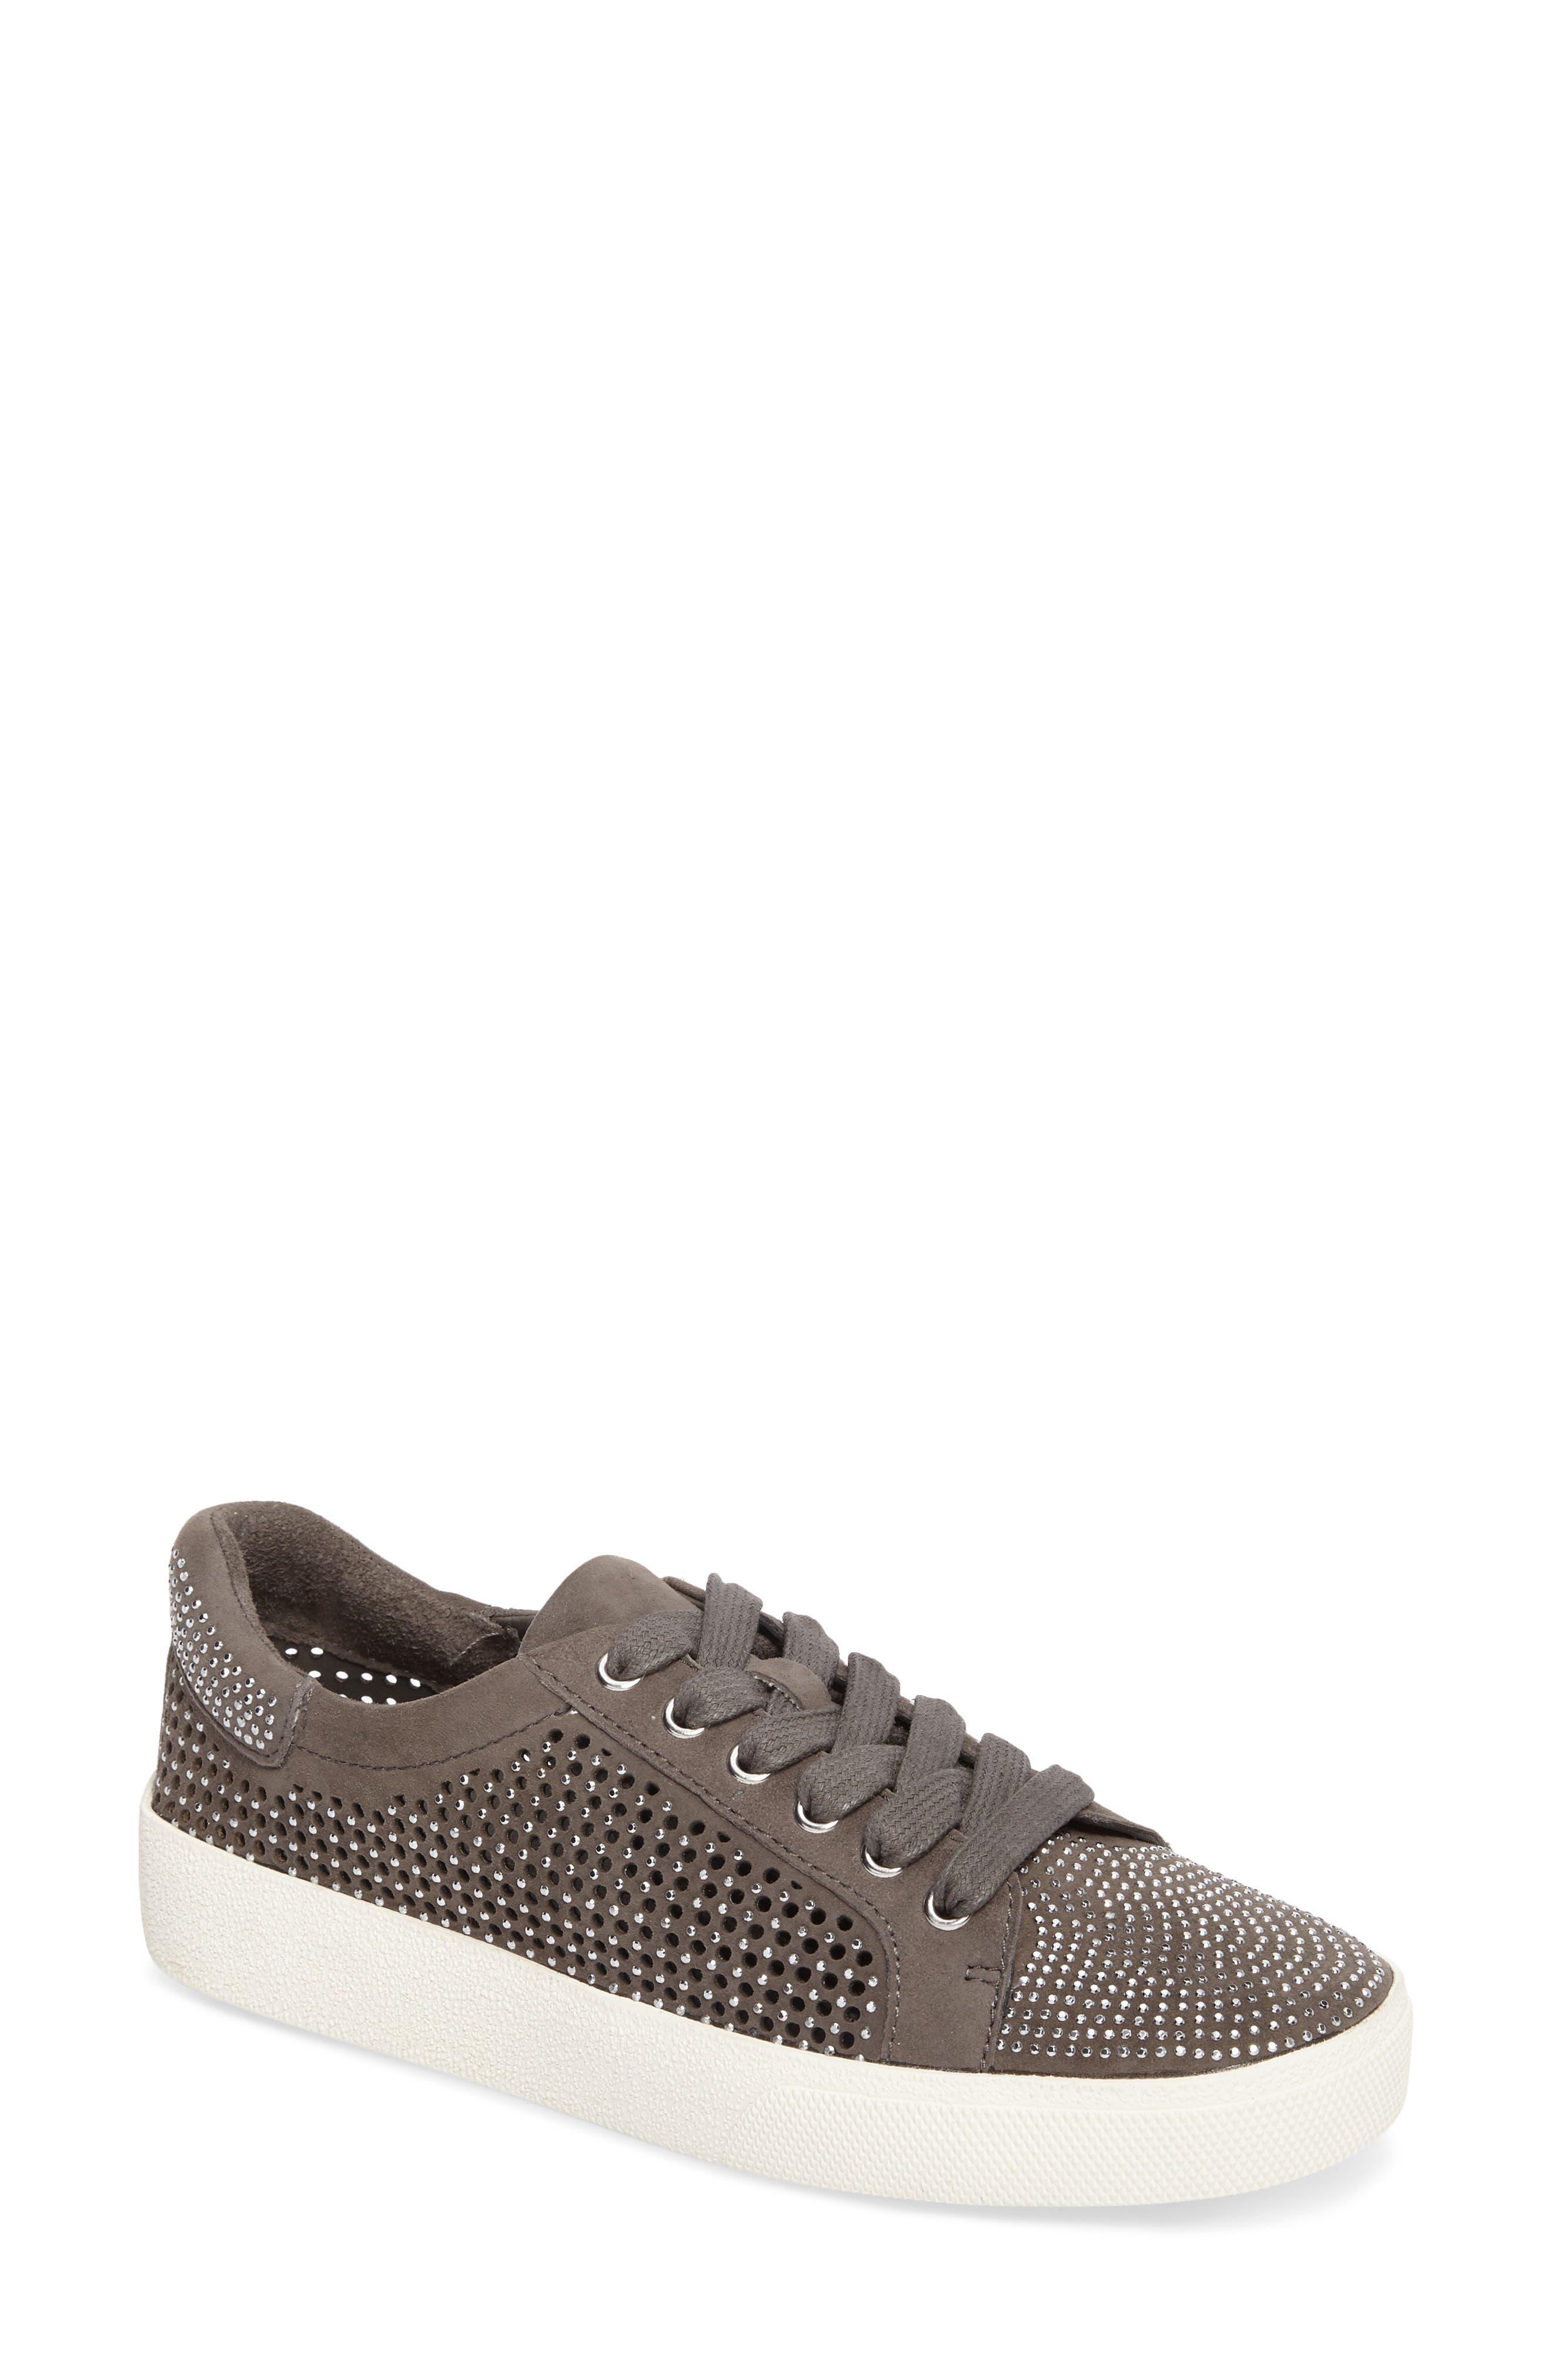 Chenta Sneaker,                             Main thumbnail 1, color,                             060